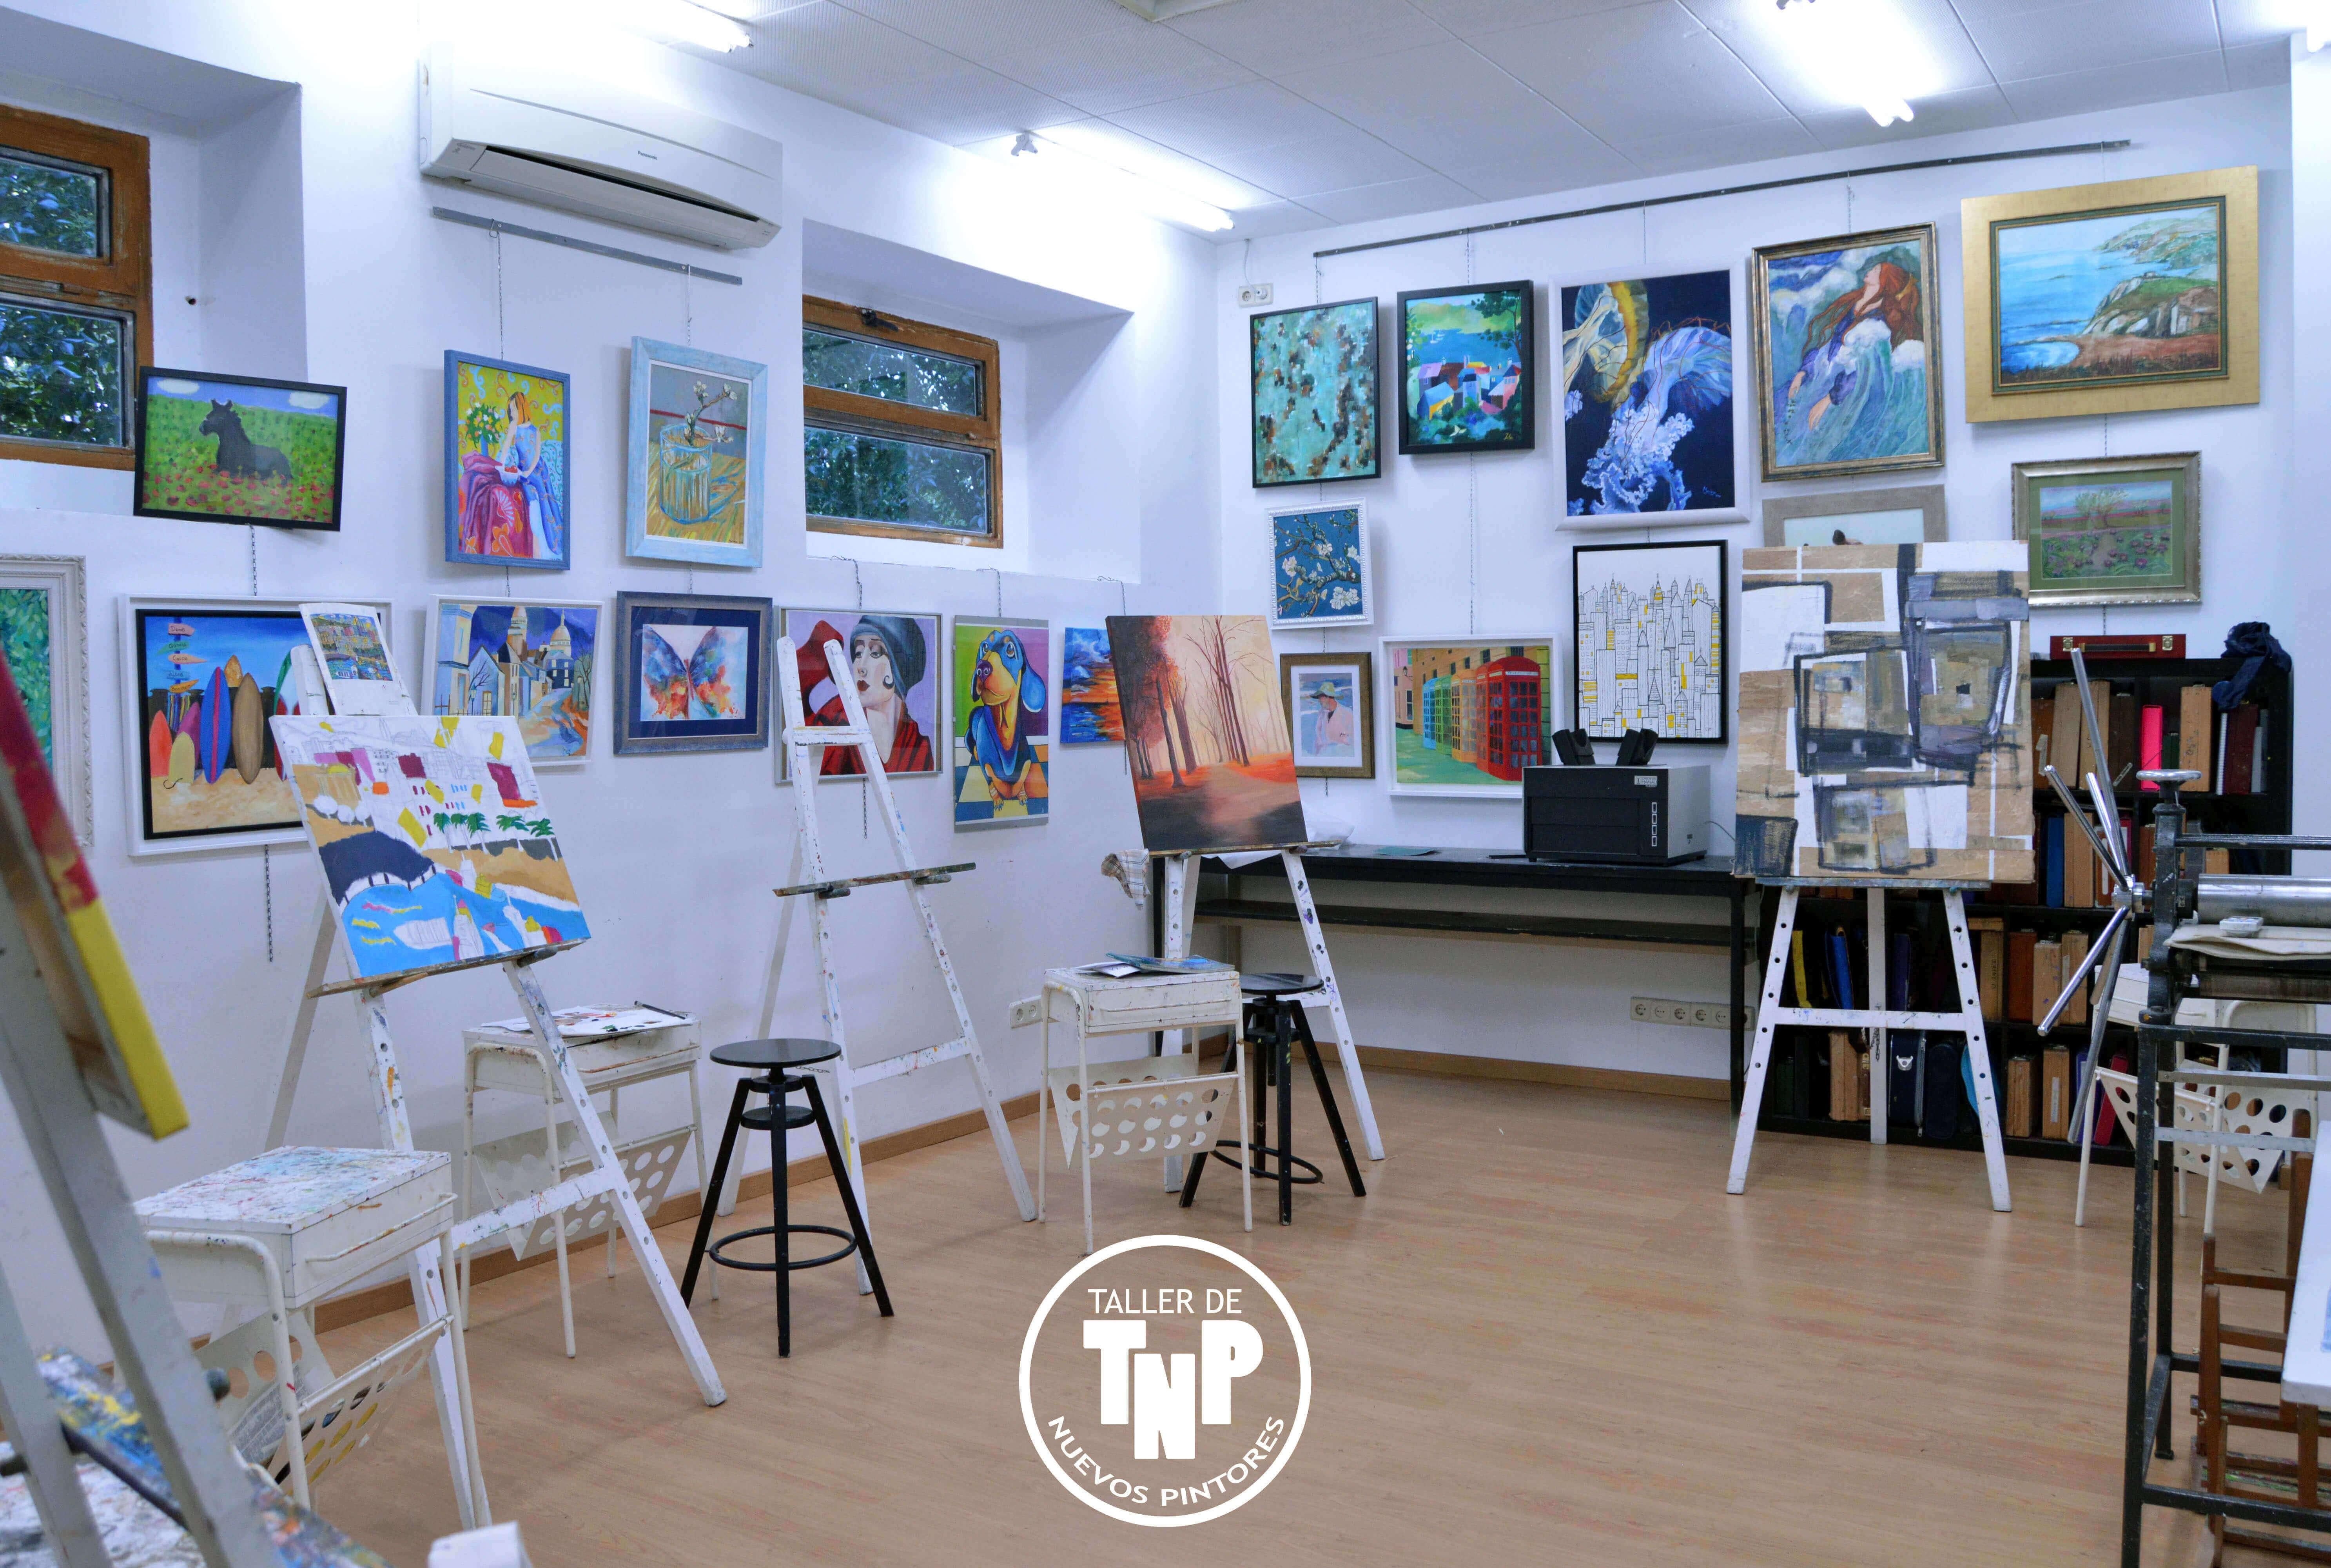 Taller de nuevos pintores directorio art stico totenart - Empresa de pintores en madrid ...